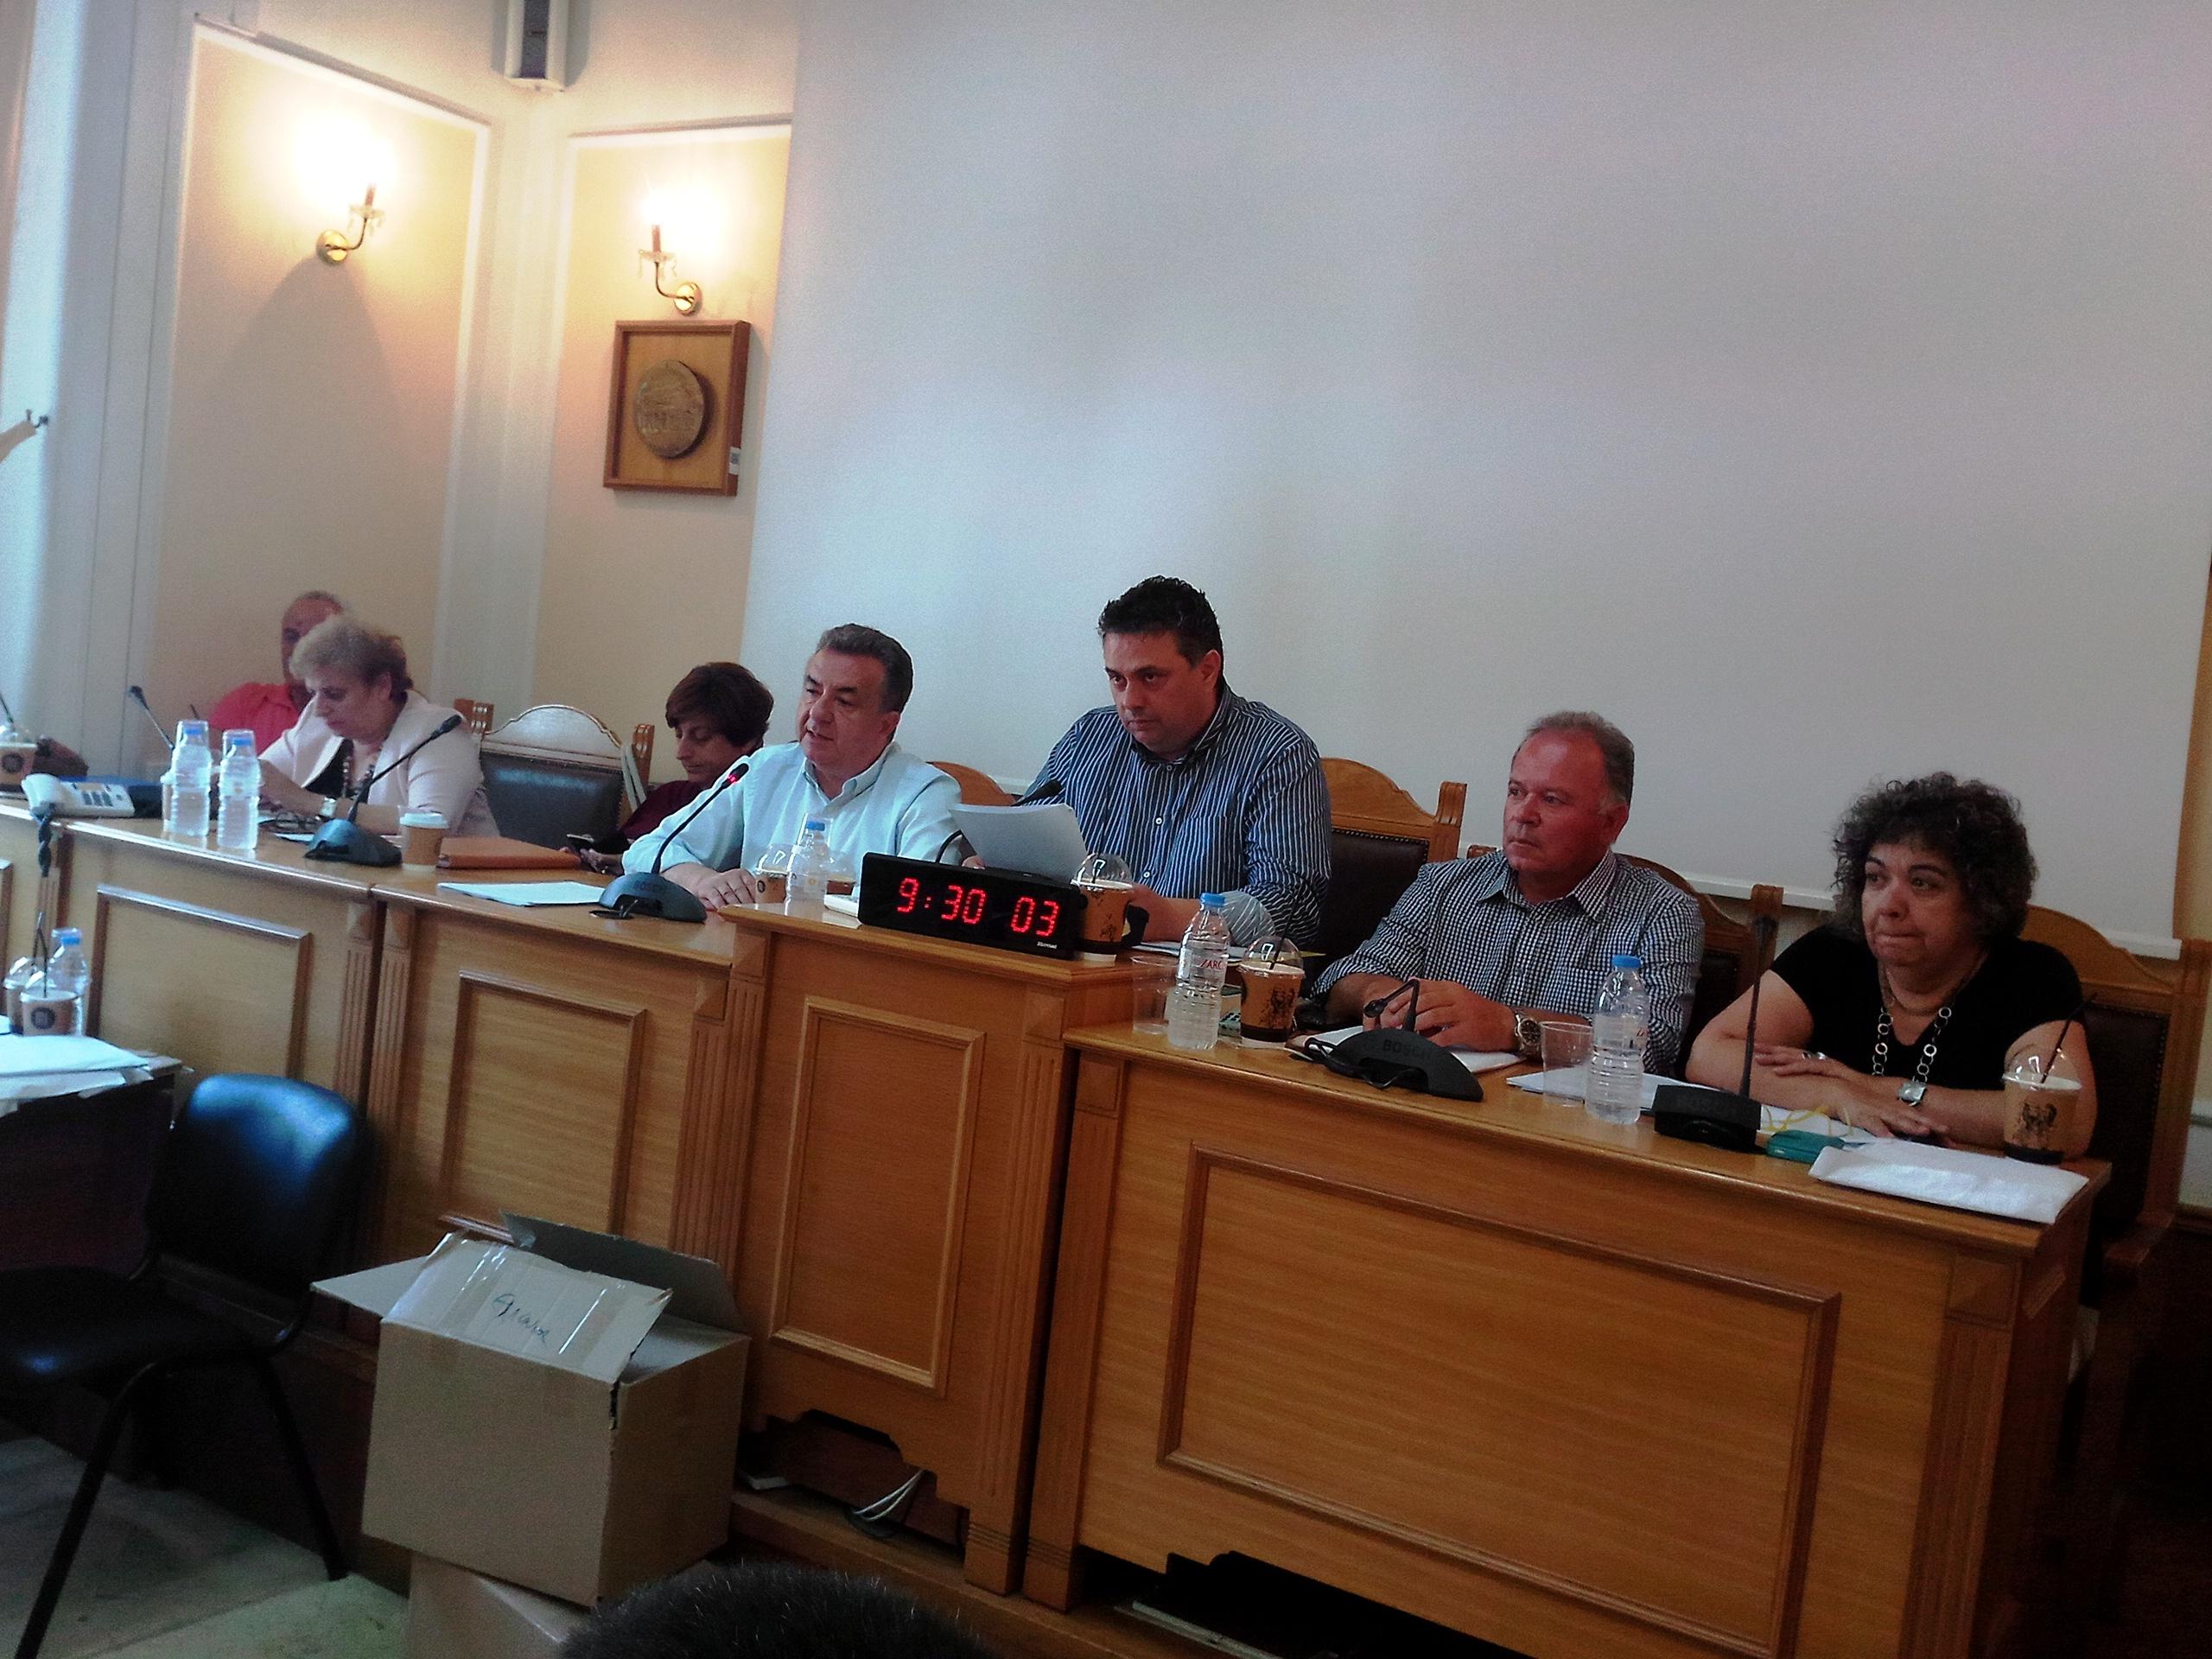 Το θέμα του ΒΟΑΚ στην έναρξη της σημερινής συνεδρίασης του Περιφερειακού Συμβουλίου